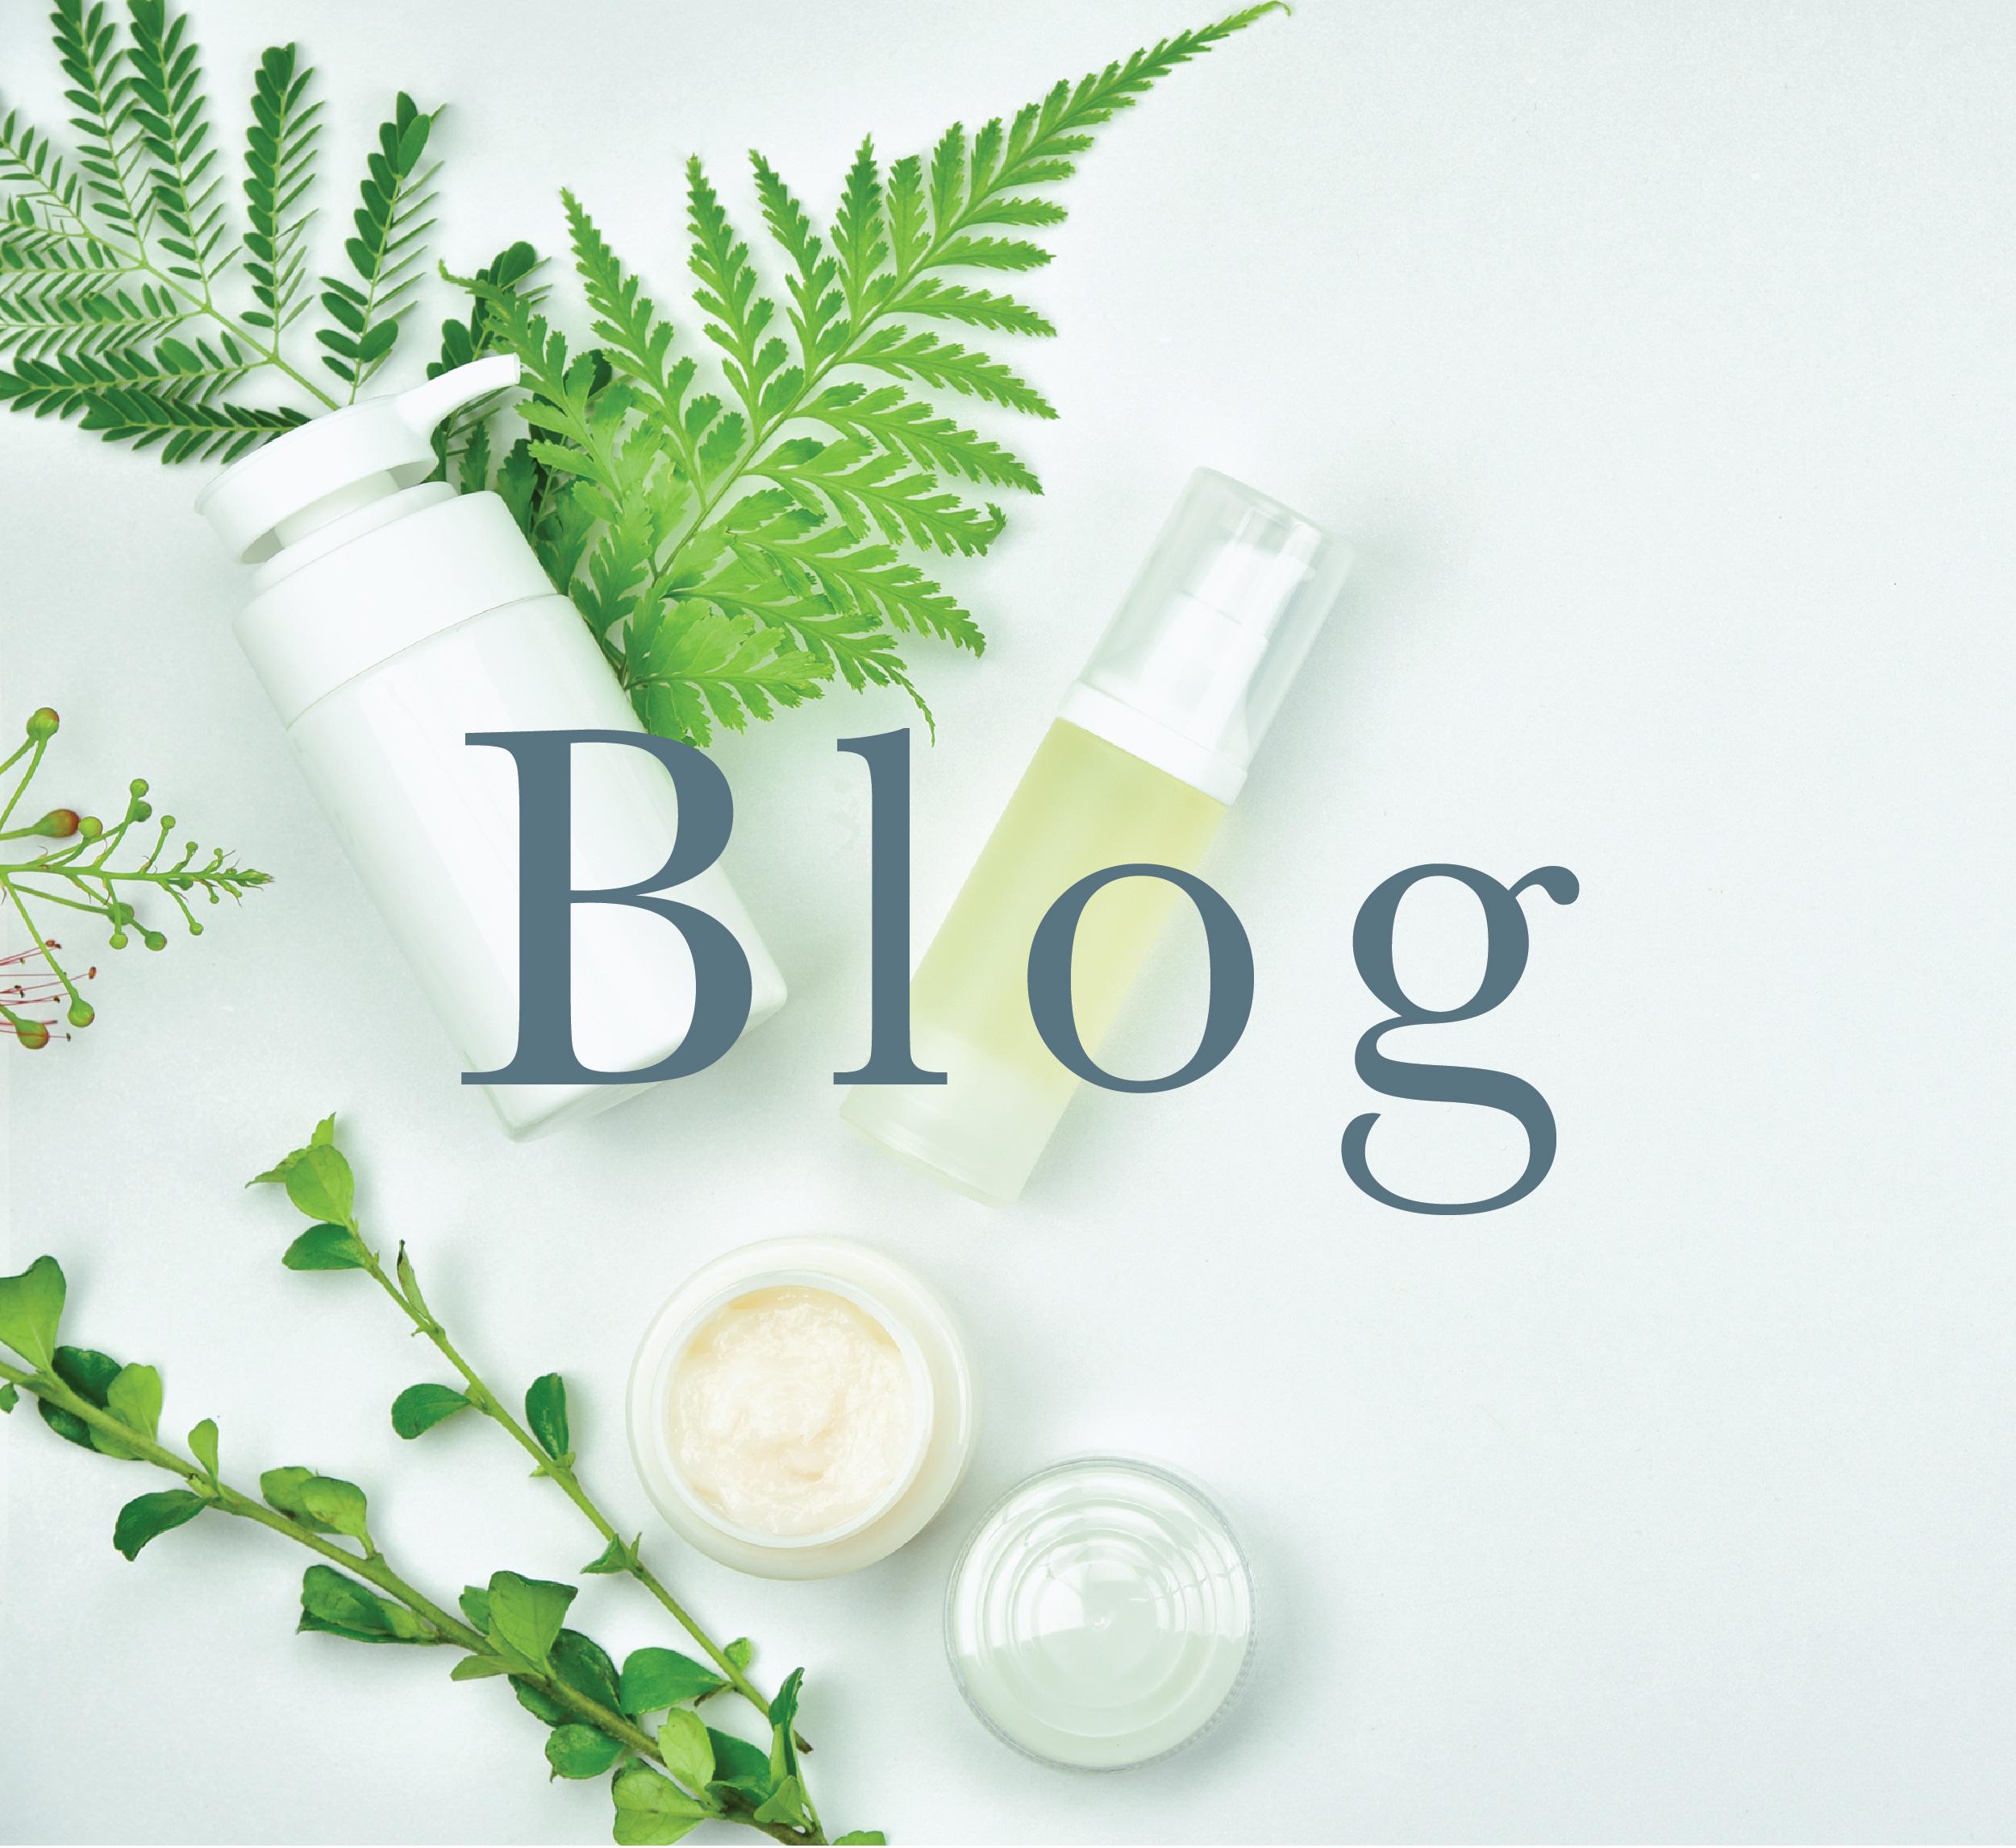 BG-Blog-01